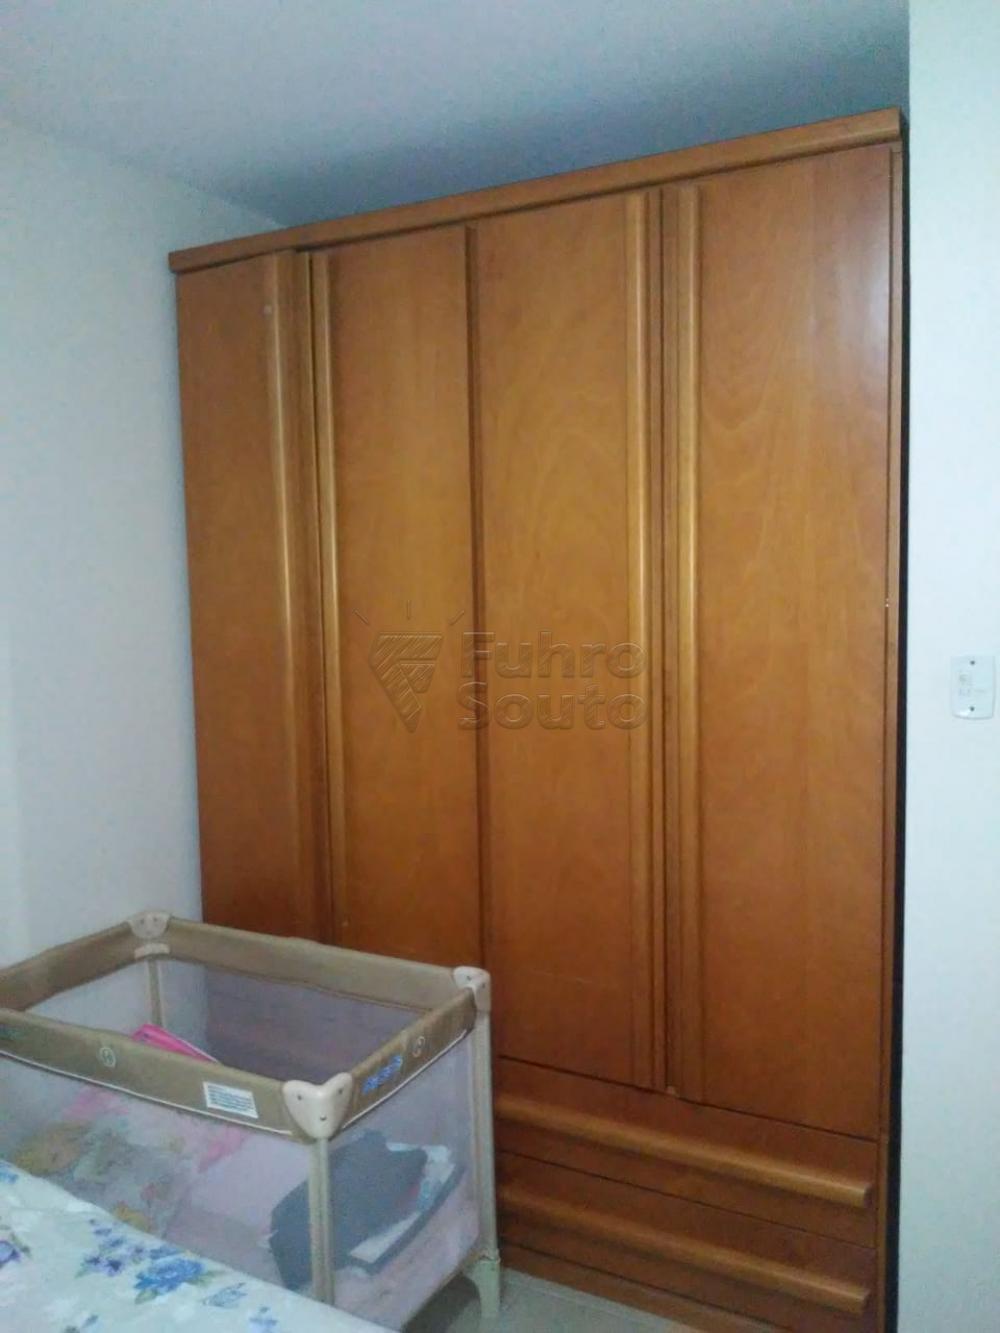 Comprar Apartamento / Padrão em Pelotas R$ 308.000,00 - Foto 4